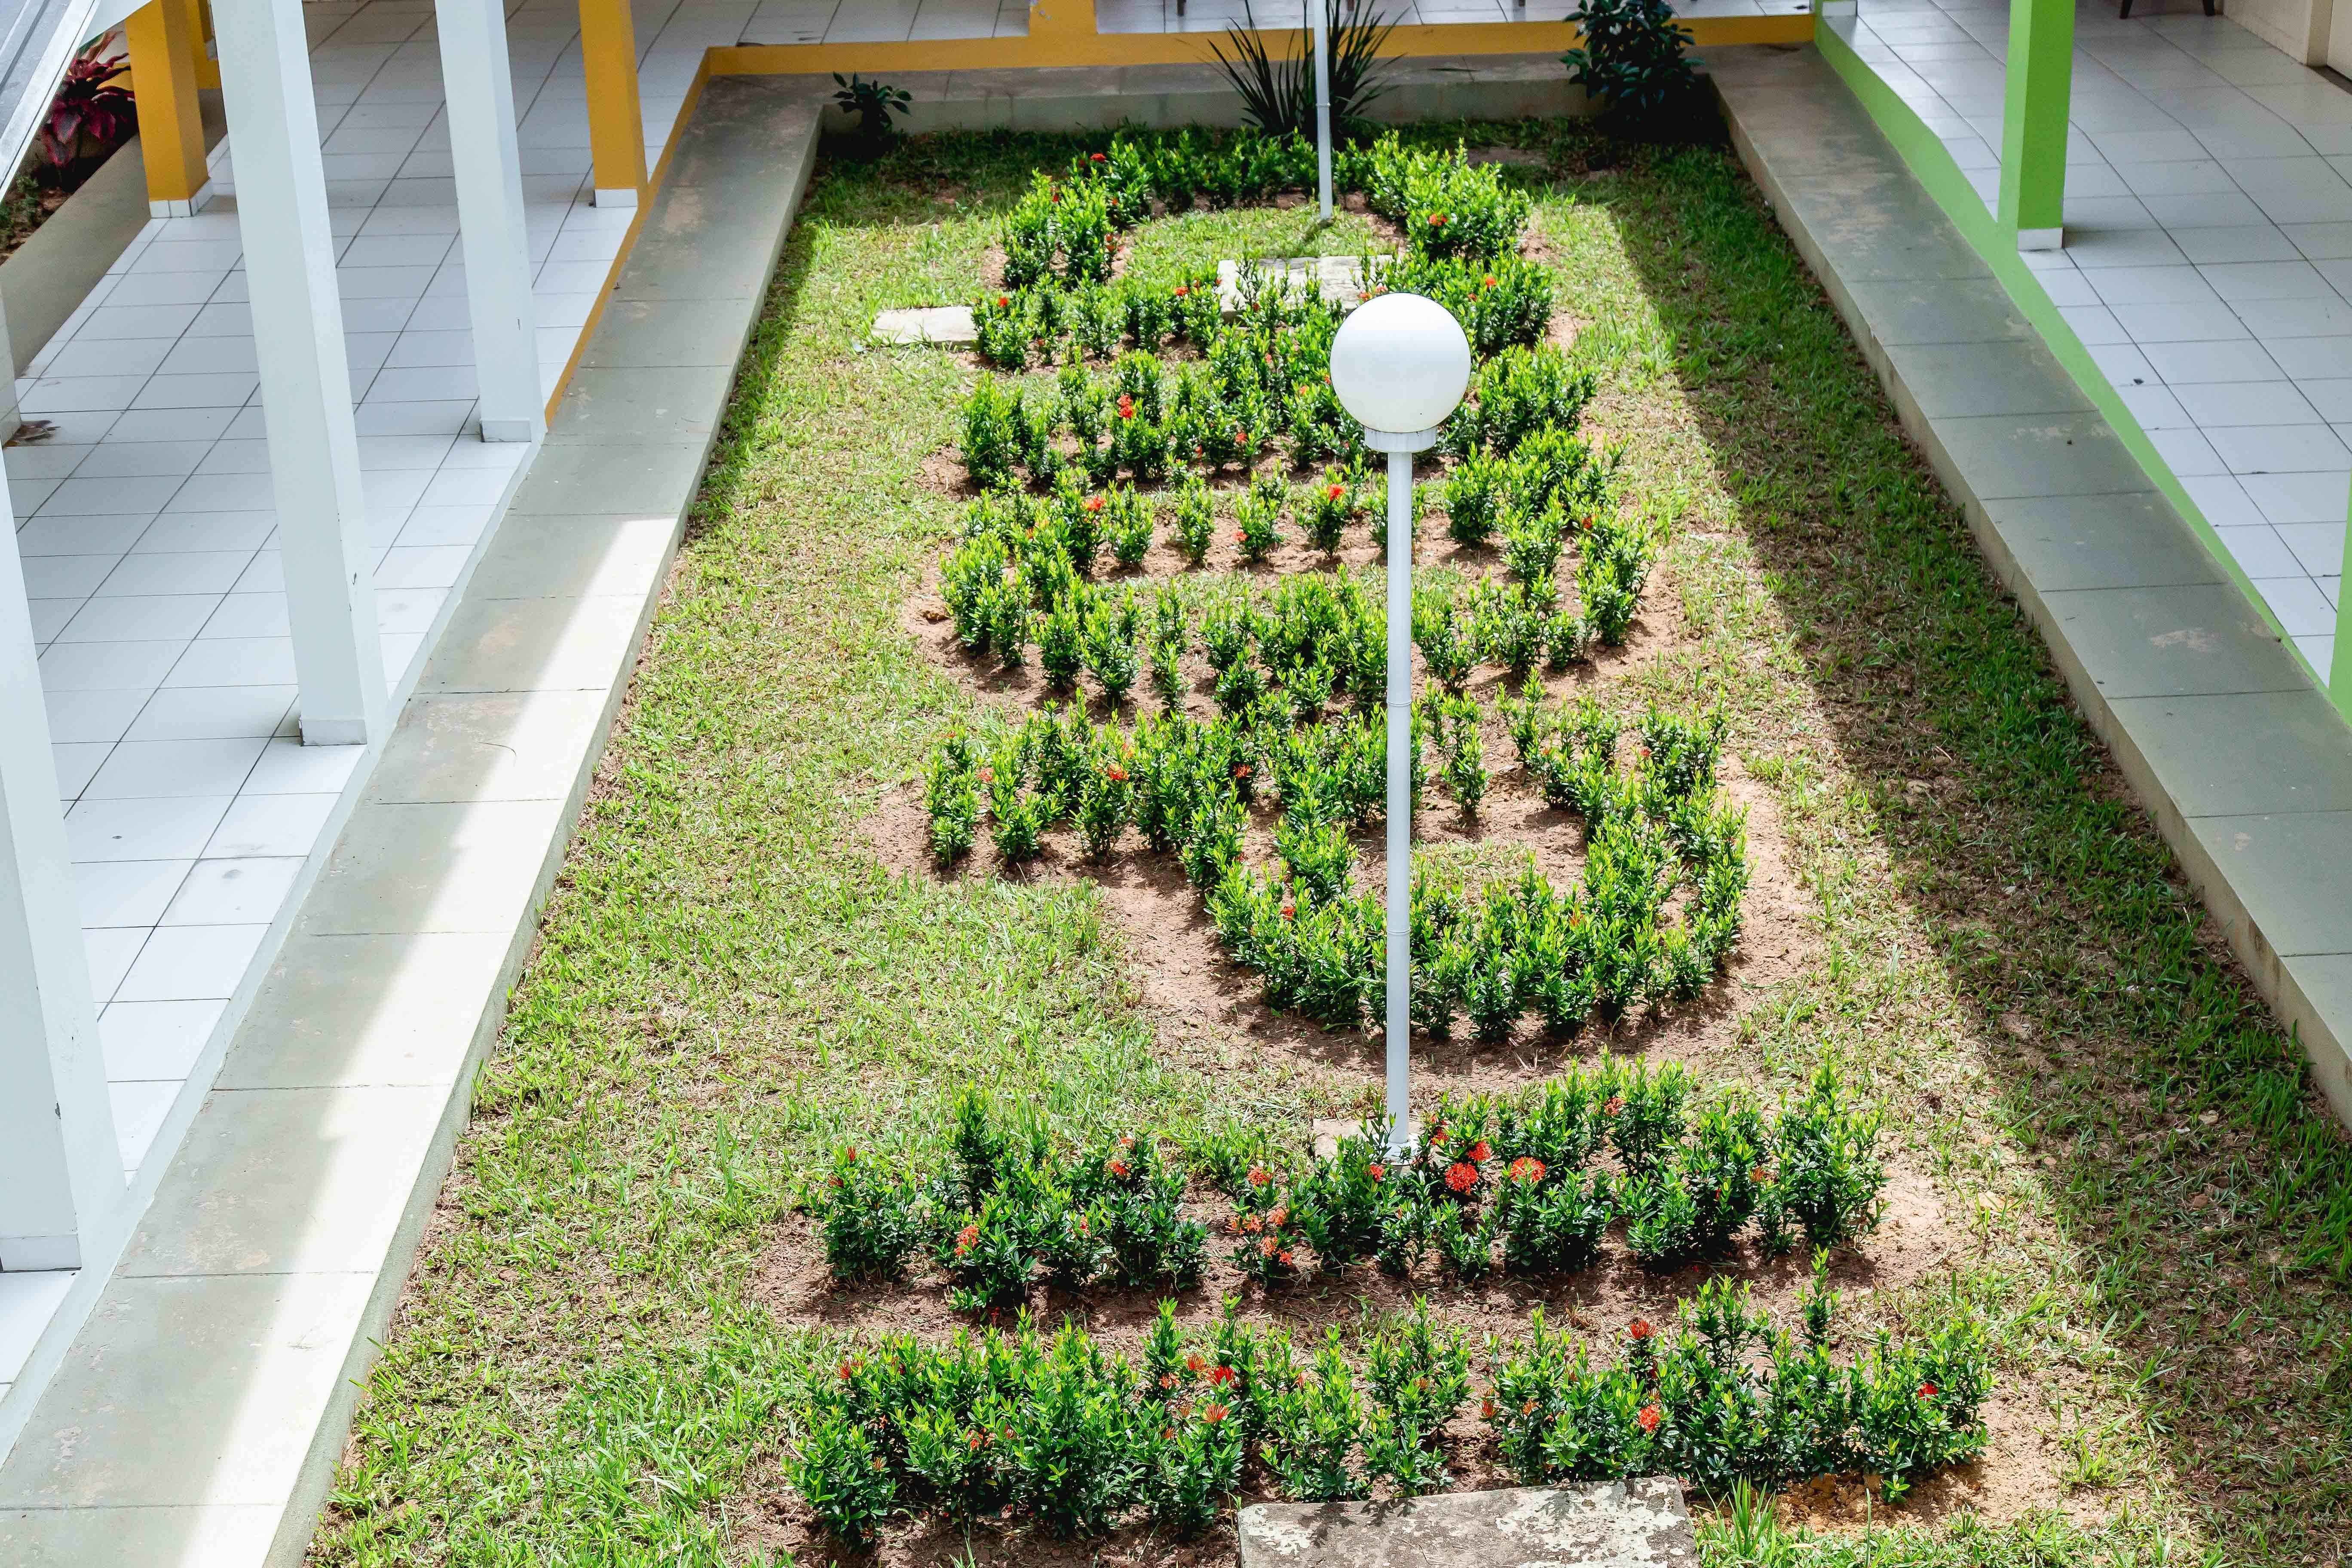 Abreviação do nome do Colégio feito com plantas.